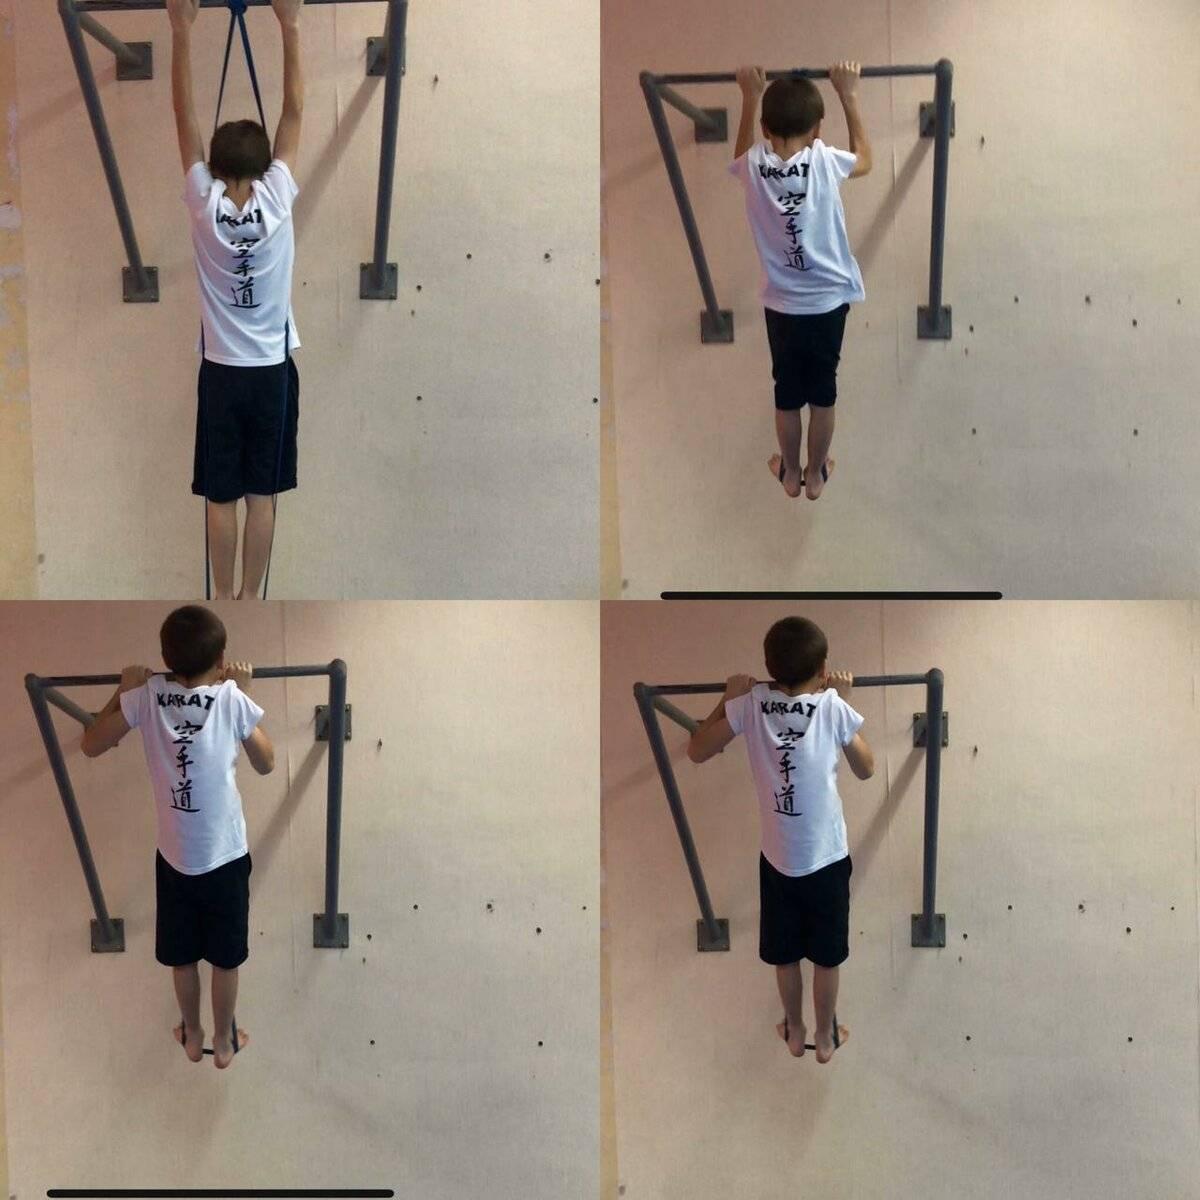 Как научить ребенка подтягиваться? задание на лето для пап. упражнения для ребенка: от отжиманий от пола к подтягиваниям на турнике